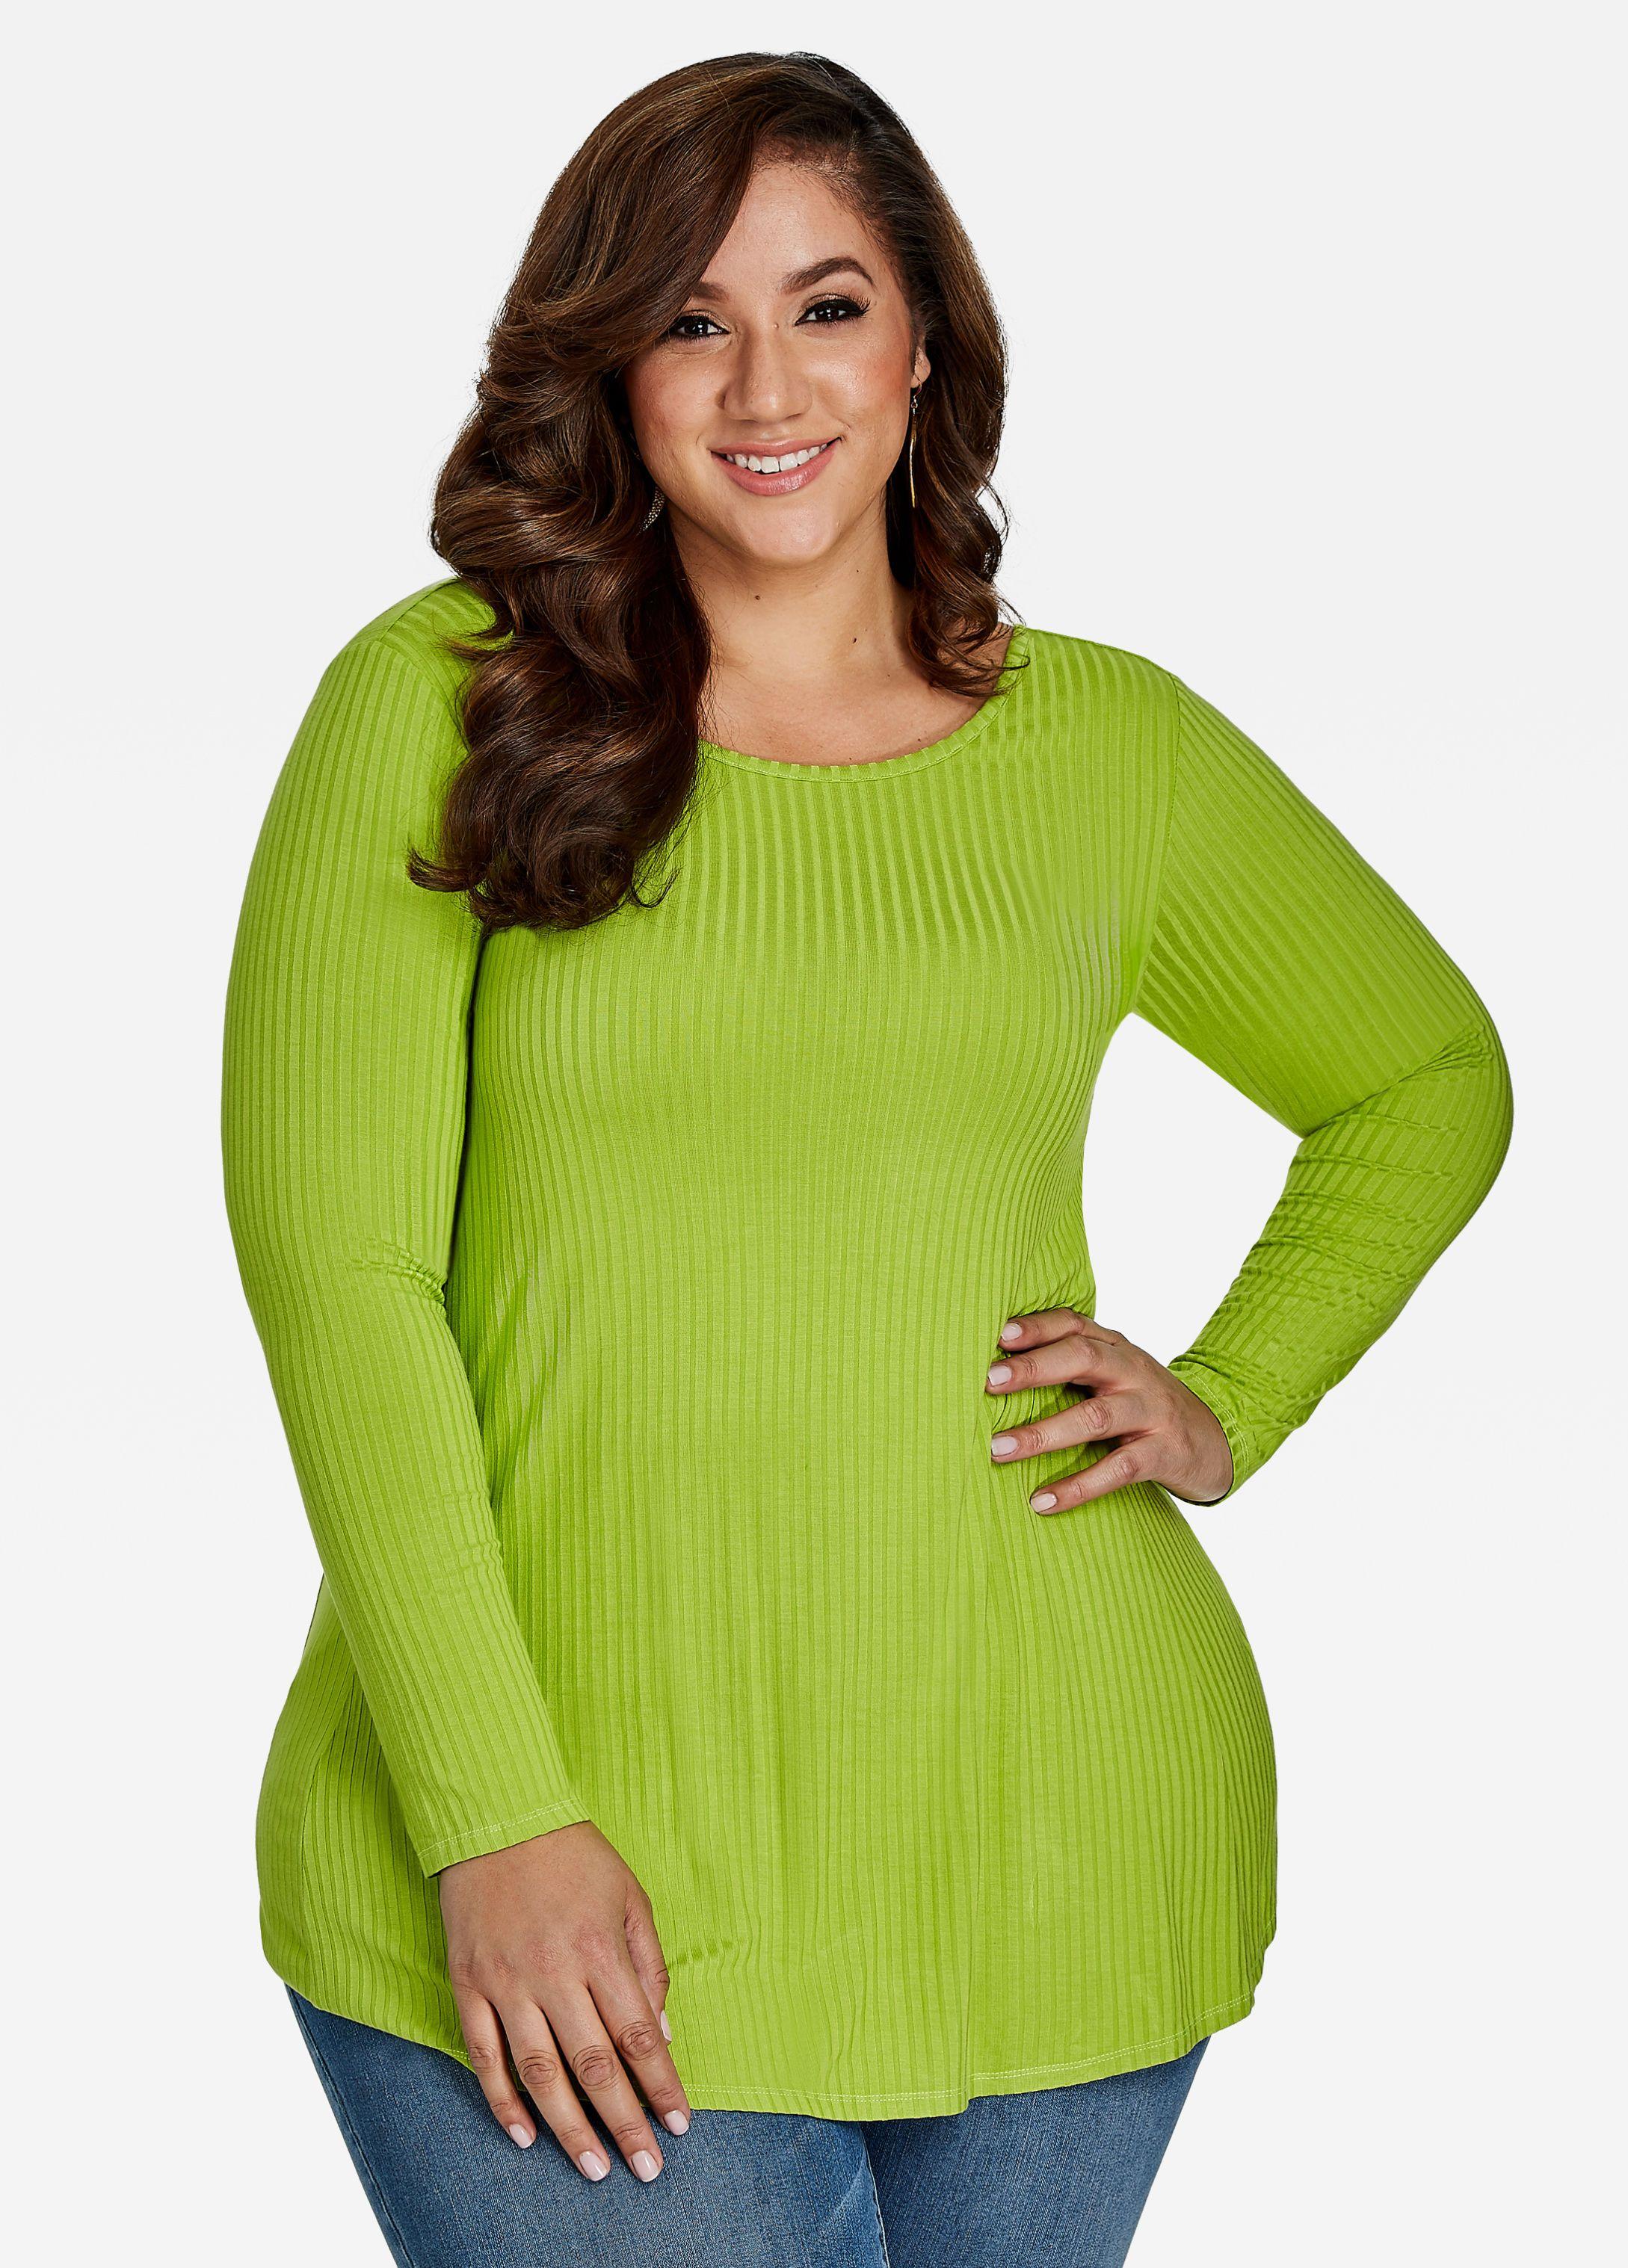 847d5cbc Long Sleeve Scoop Neck Knit Shirt | Erica Lauren McNeill (Ashley ...